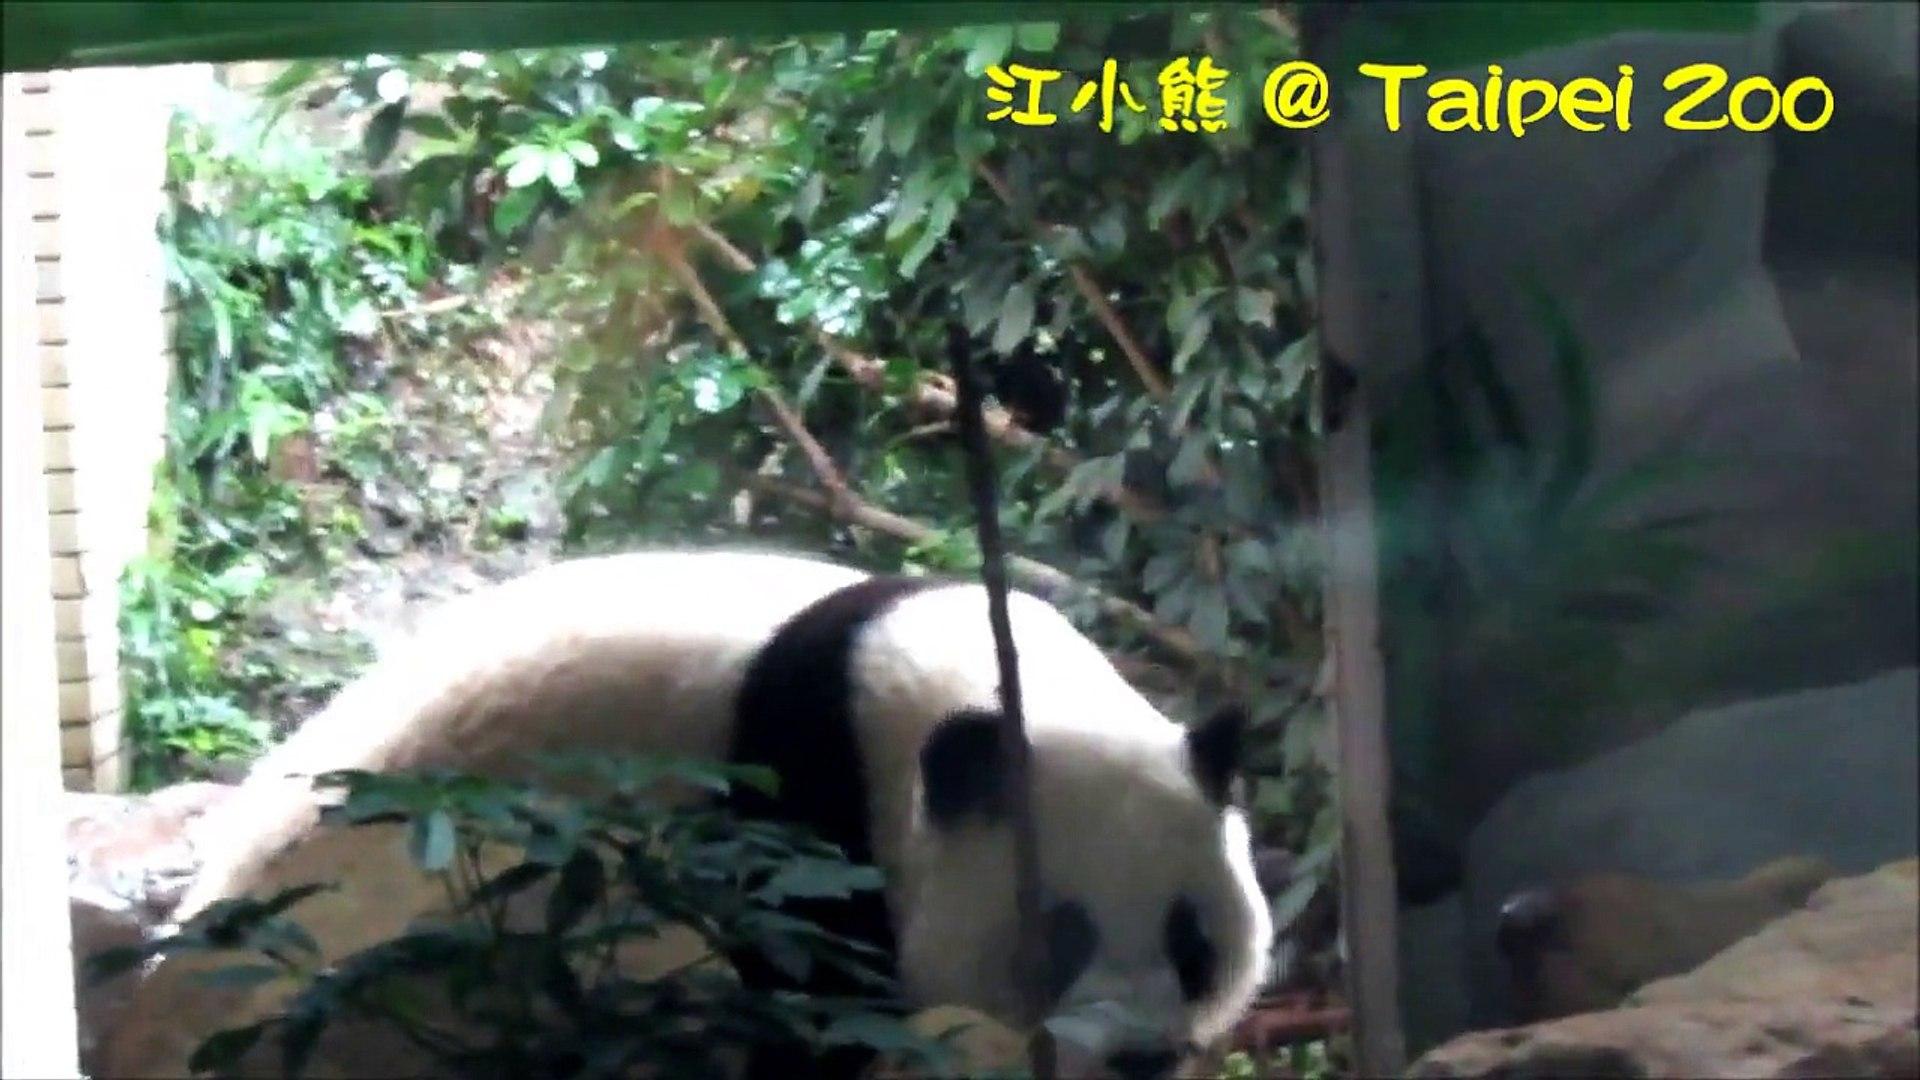 2014-12-28 圓仔在門口徘迴就是不肯出門去。。。 The Giant Panda Cub Yuan-Zai